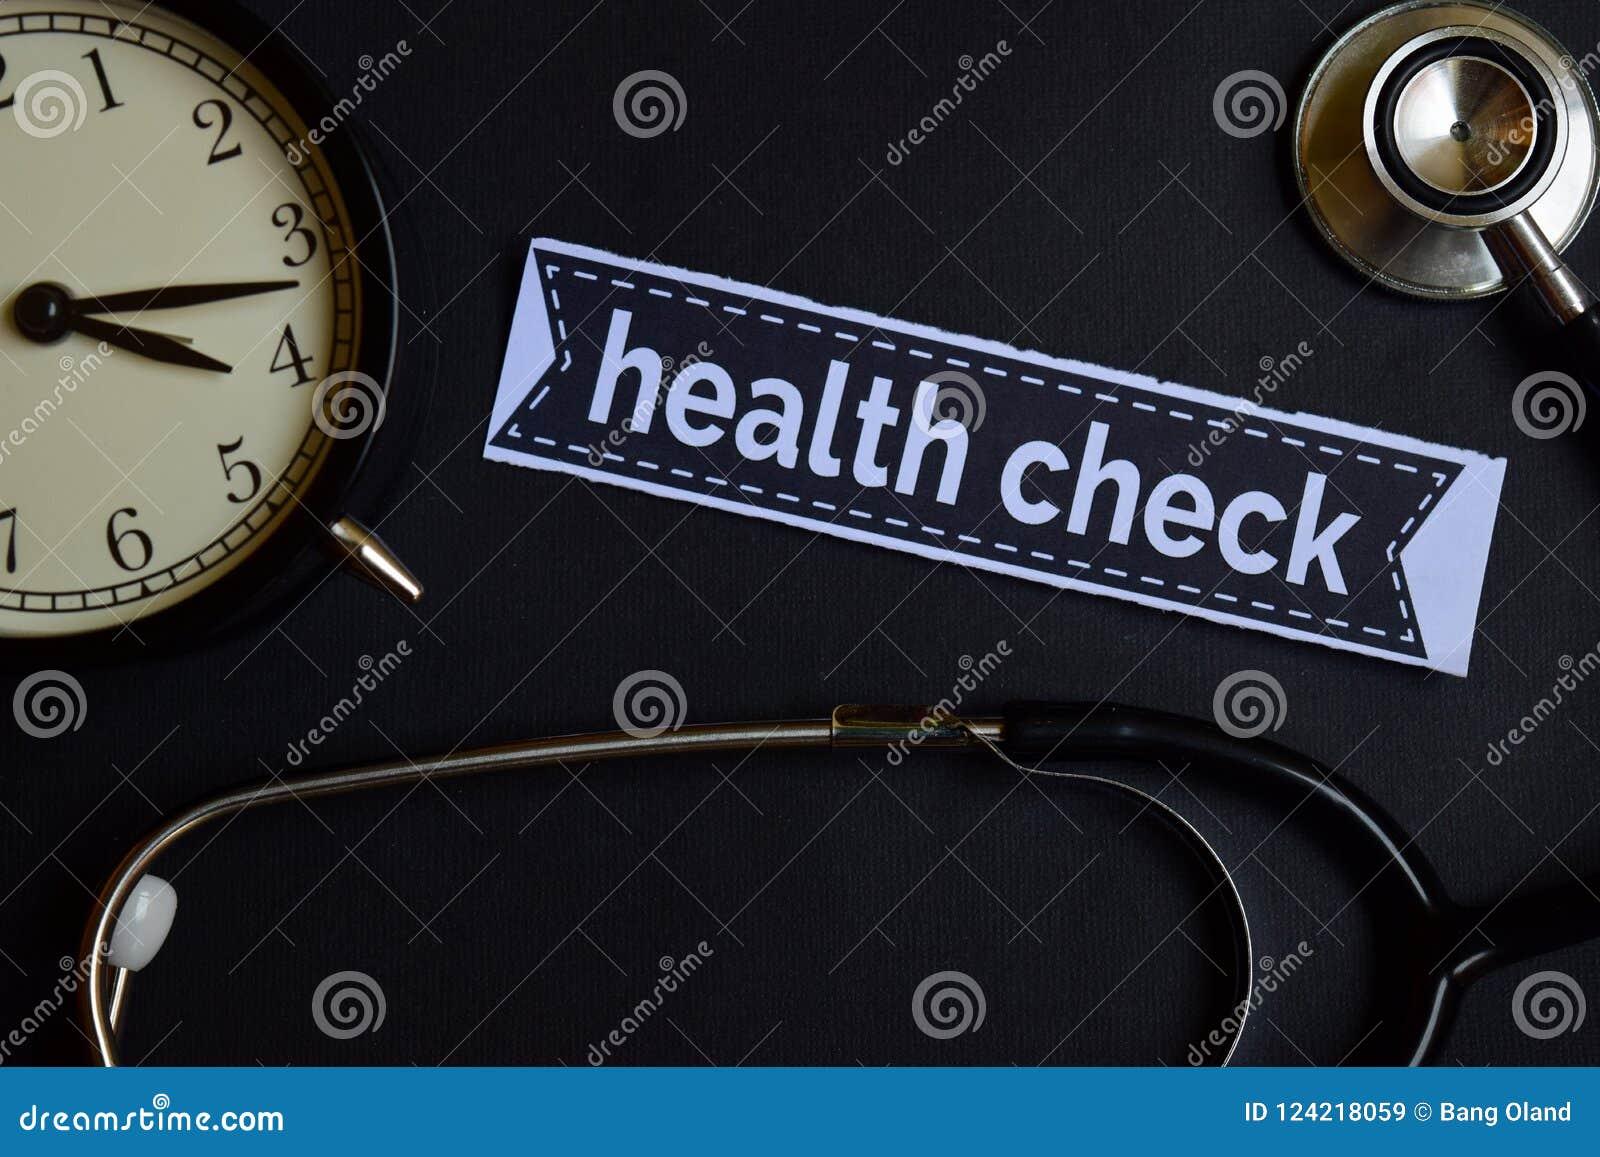 Gesundheits-Check auf dem Druckpapier mit Gesundheitswesen-Konzept-Inspiration Wecker, schwarzes Stethoskop